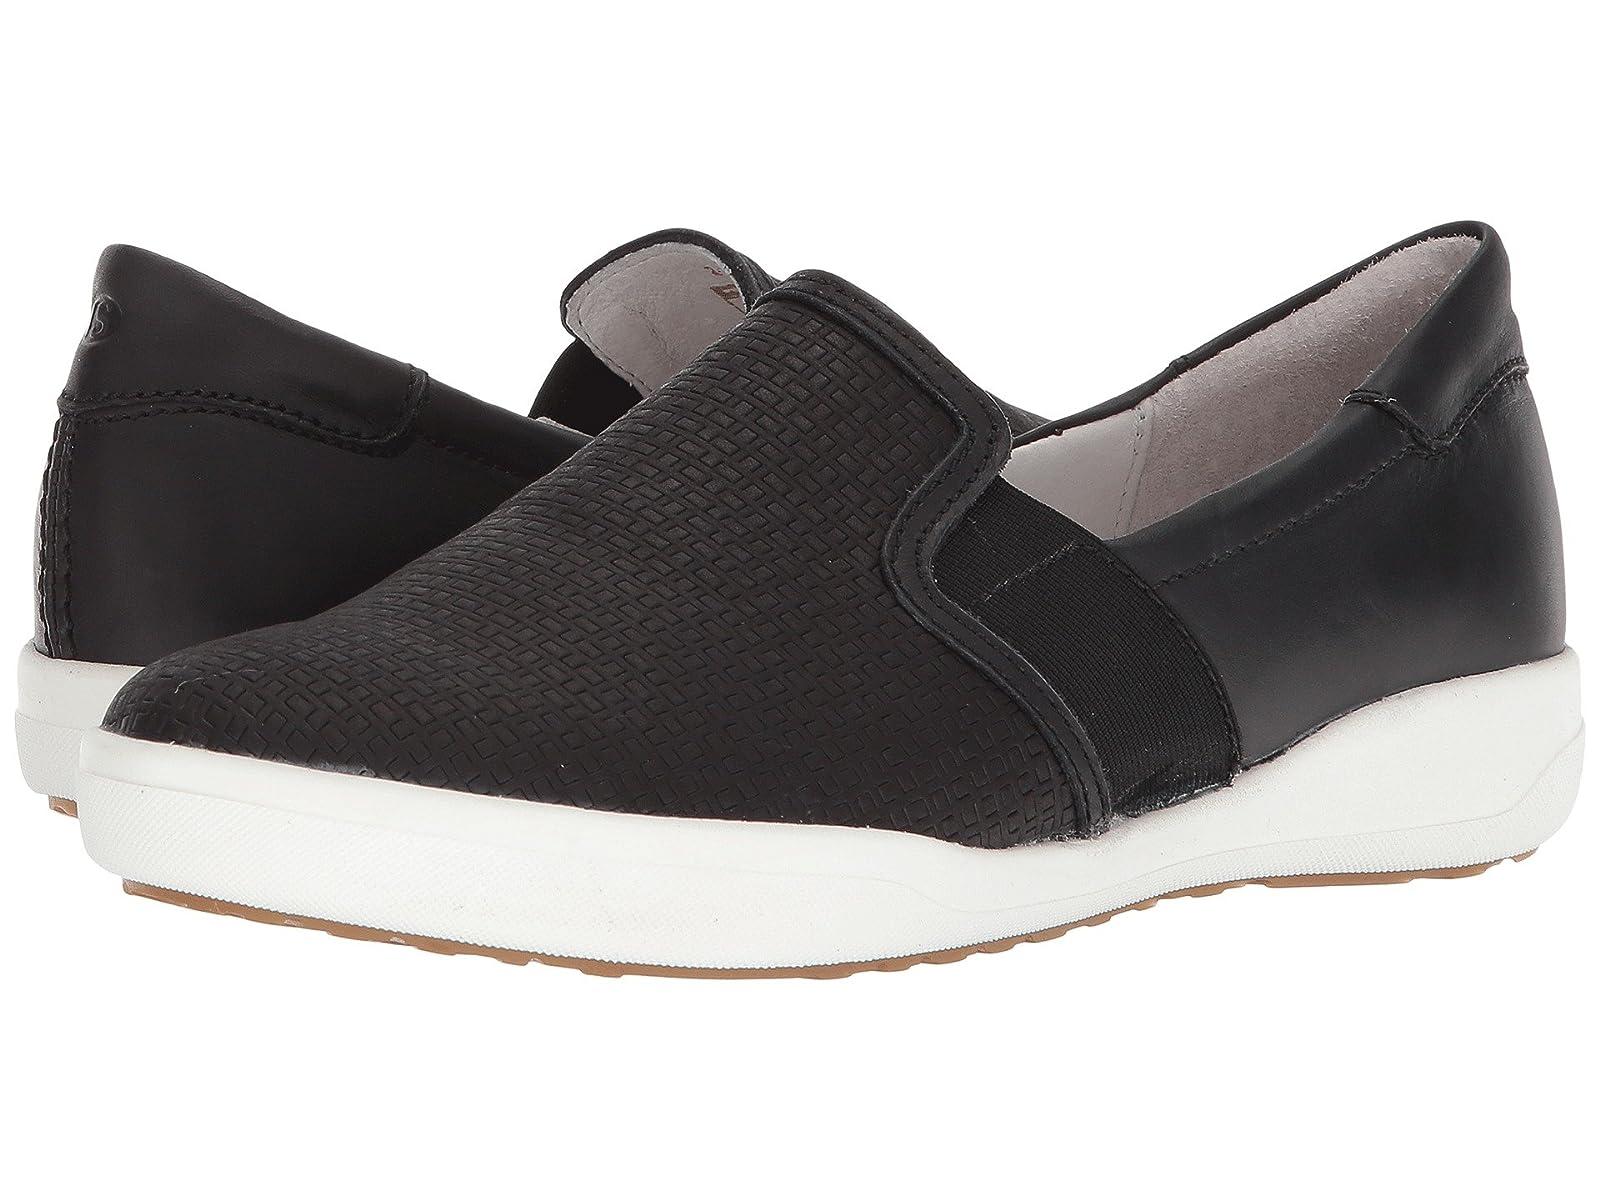 Josef Seibel Sina 39Atmospheric grades have affordable shoes